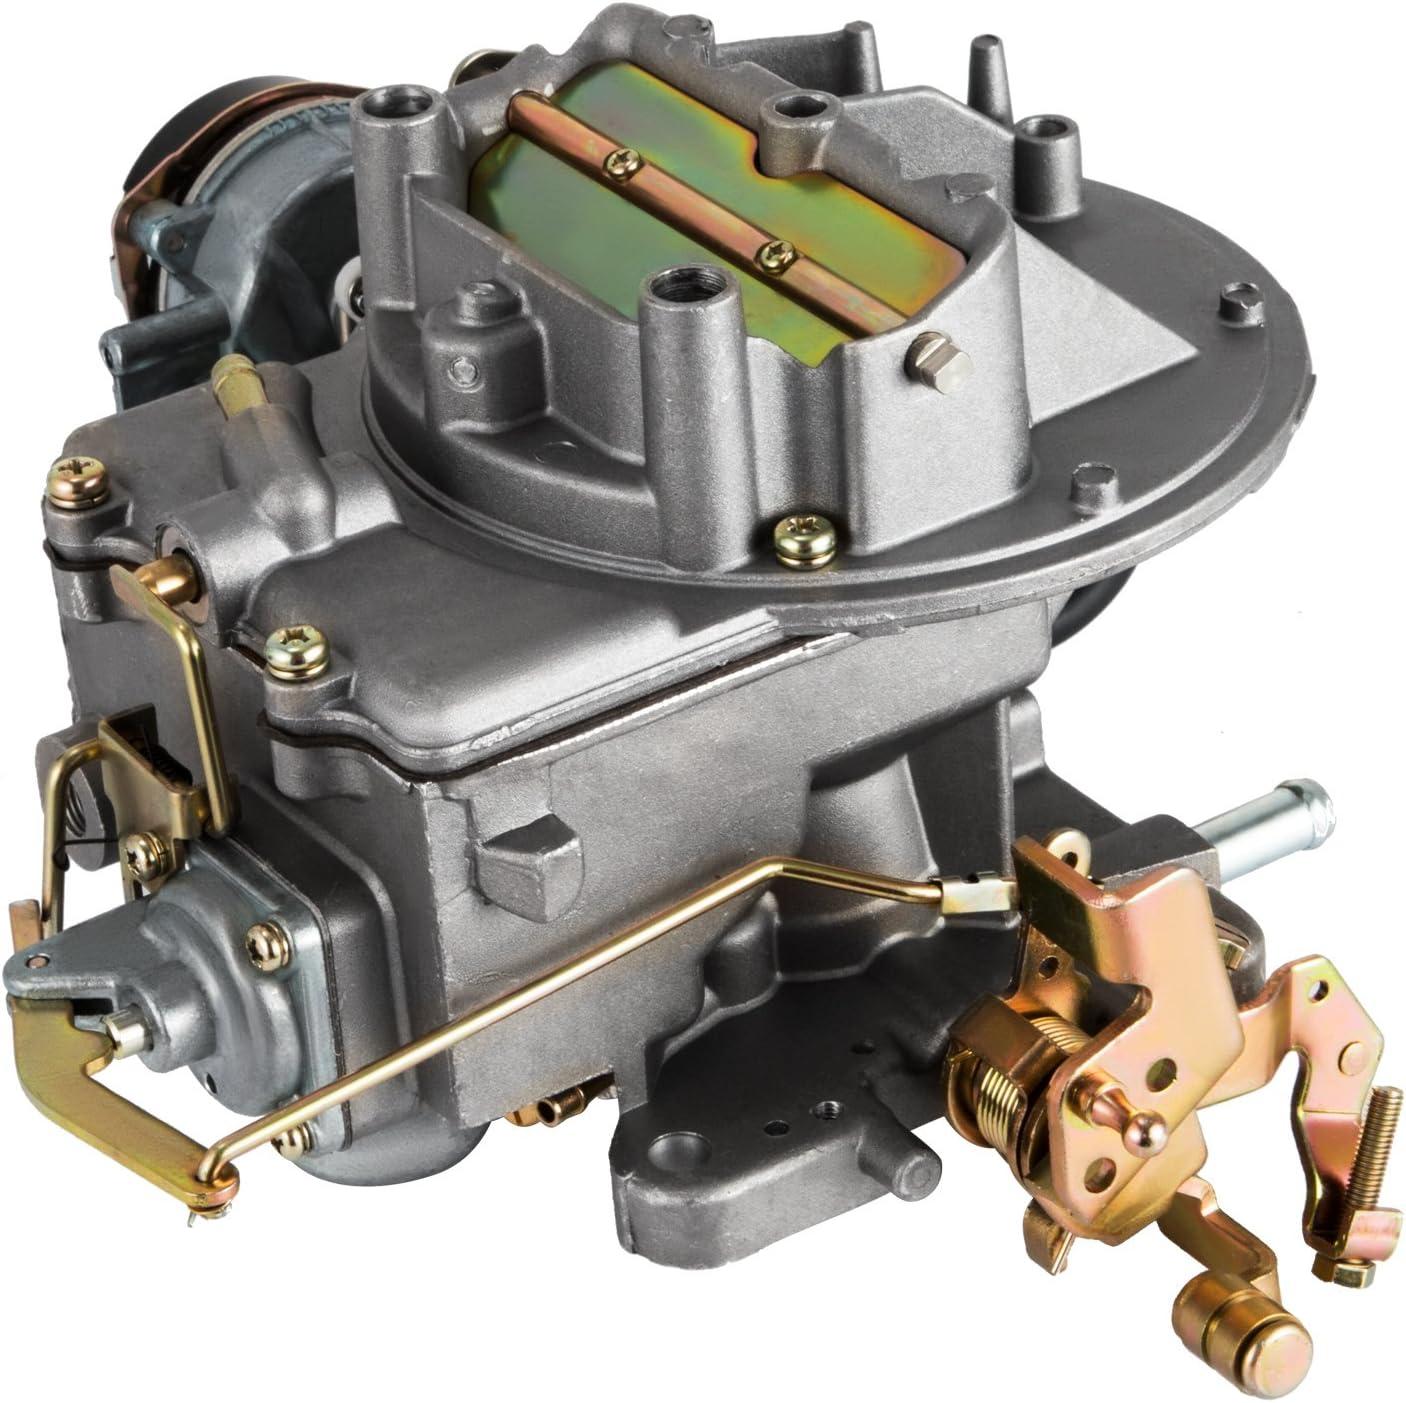 amazon com carburetors carburetors \u0026 parts automotivemophorn carburetor heavy duty 2100 2 barrel carburetor for f100 f250 f350 mustang engine 289 302